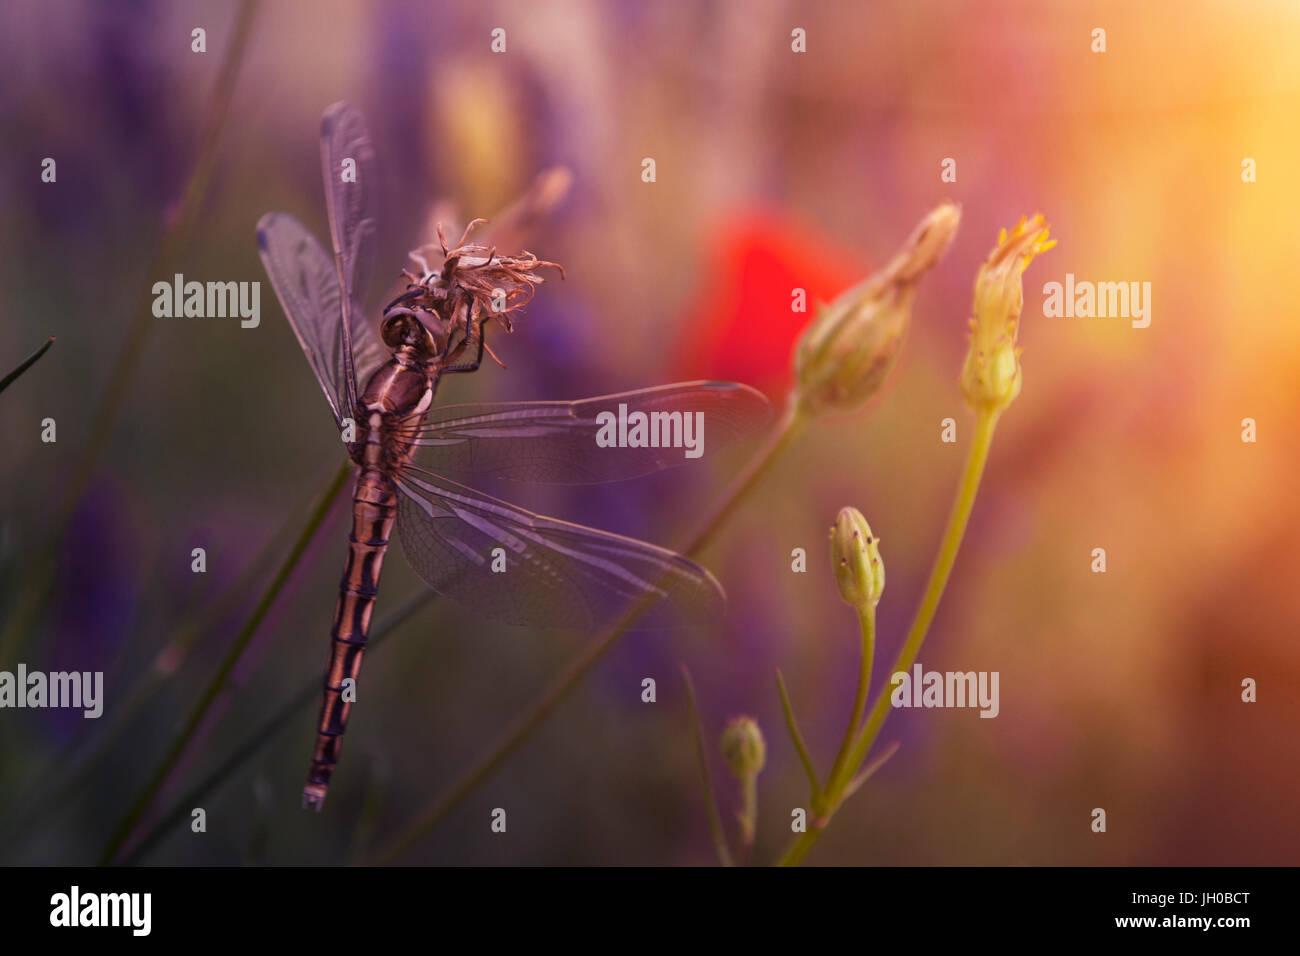 Libelle auf Blume im Sommer Sonnenuntergang Stockbild